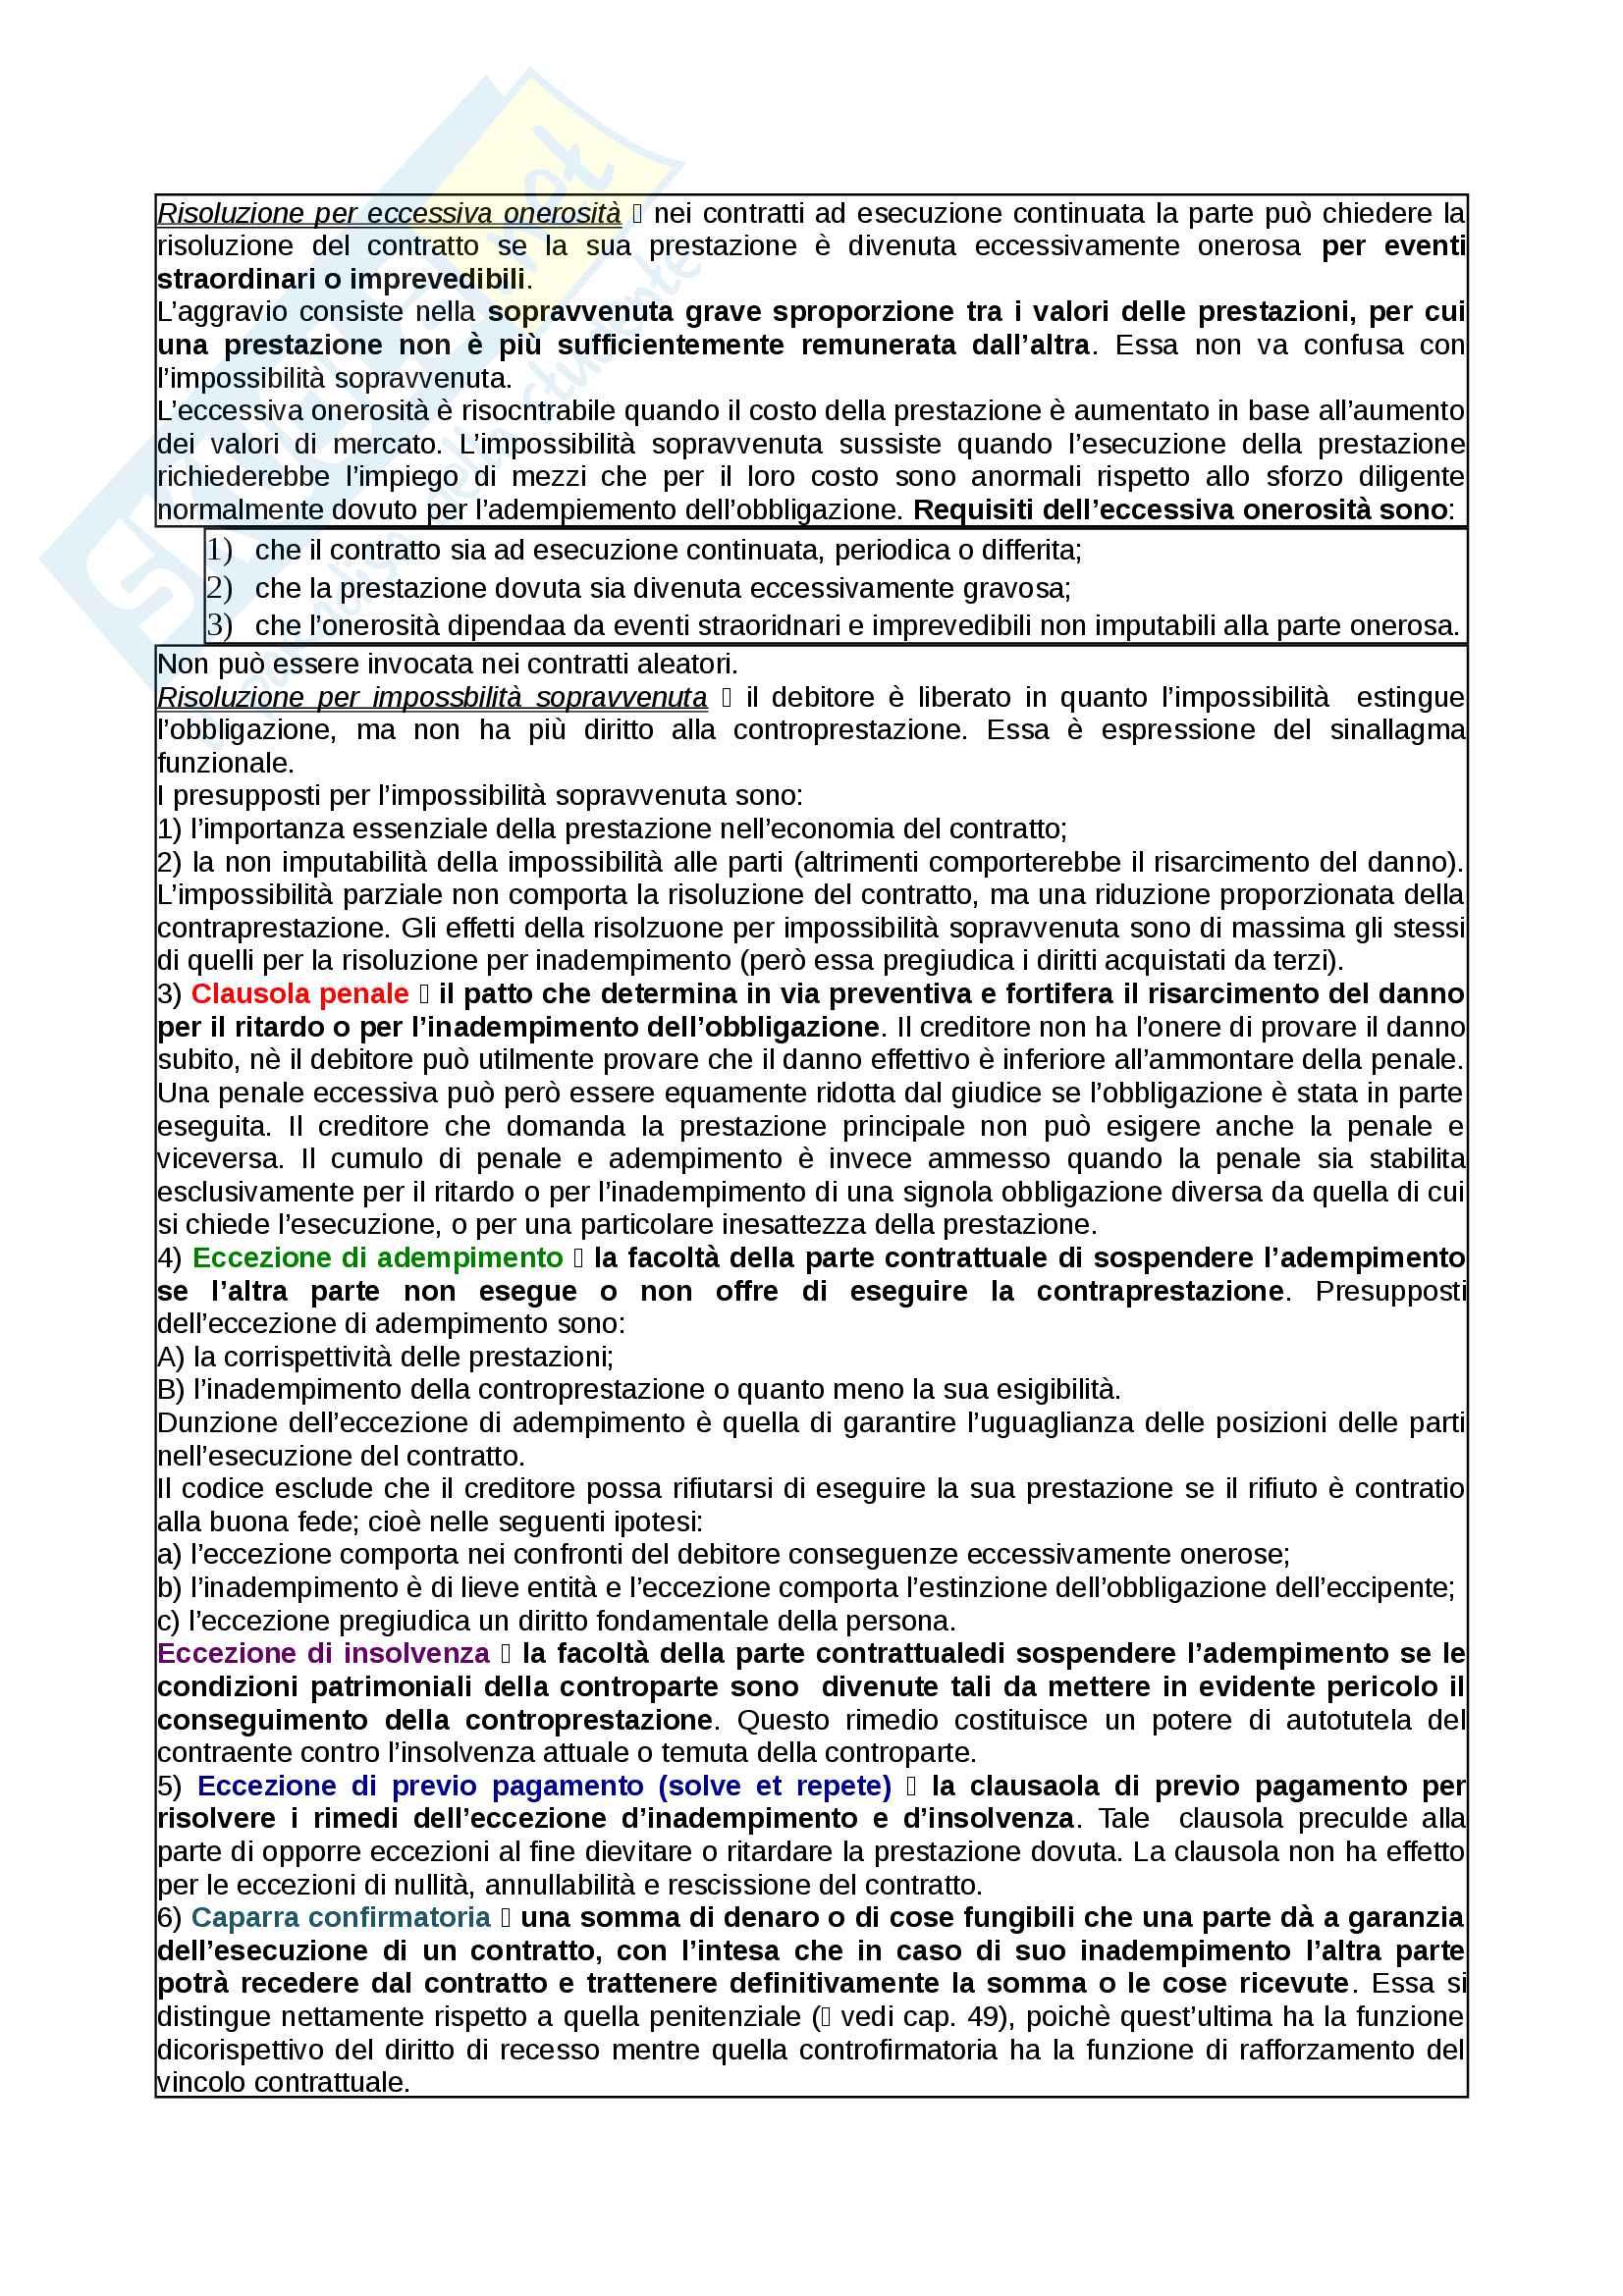 Appunti Diritto Privato Pag. 51